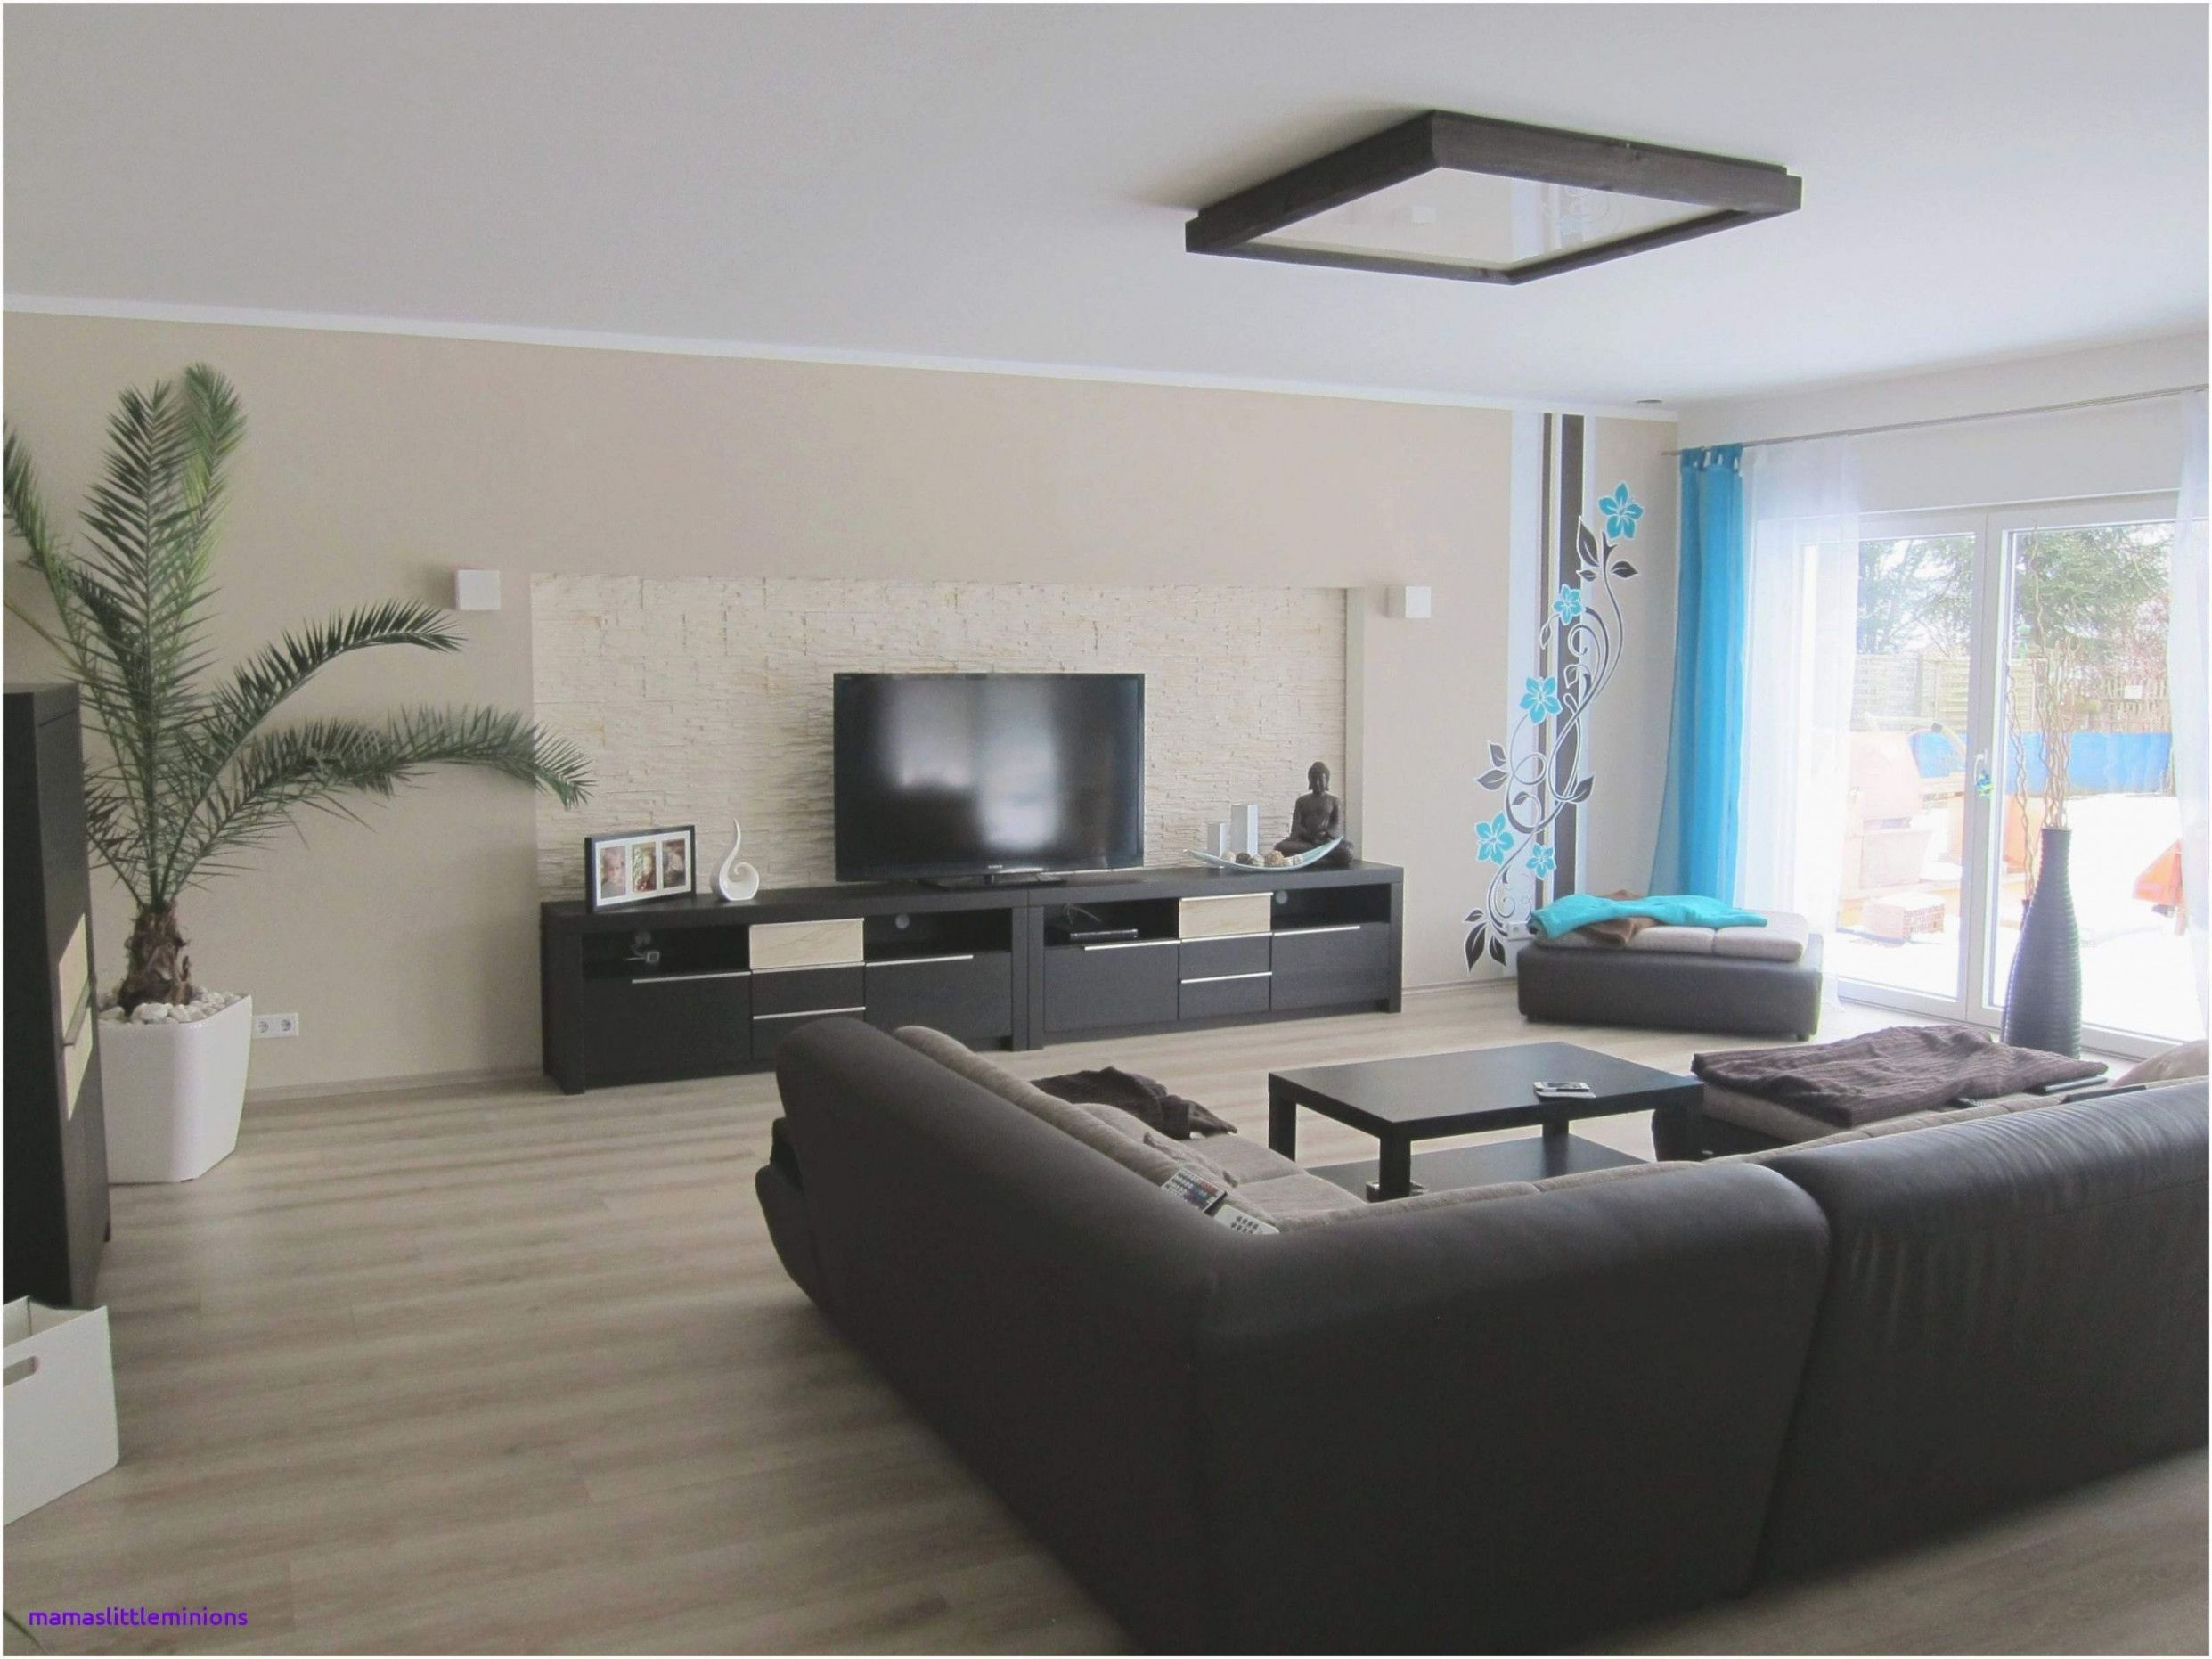 7 Wohnzimmer Dekoration Benzin in 7  Wohnzimmer ideen